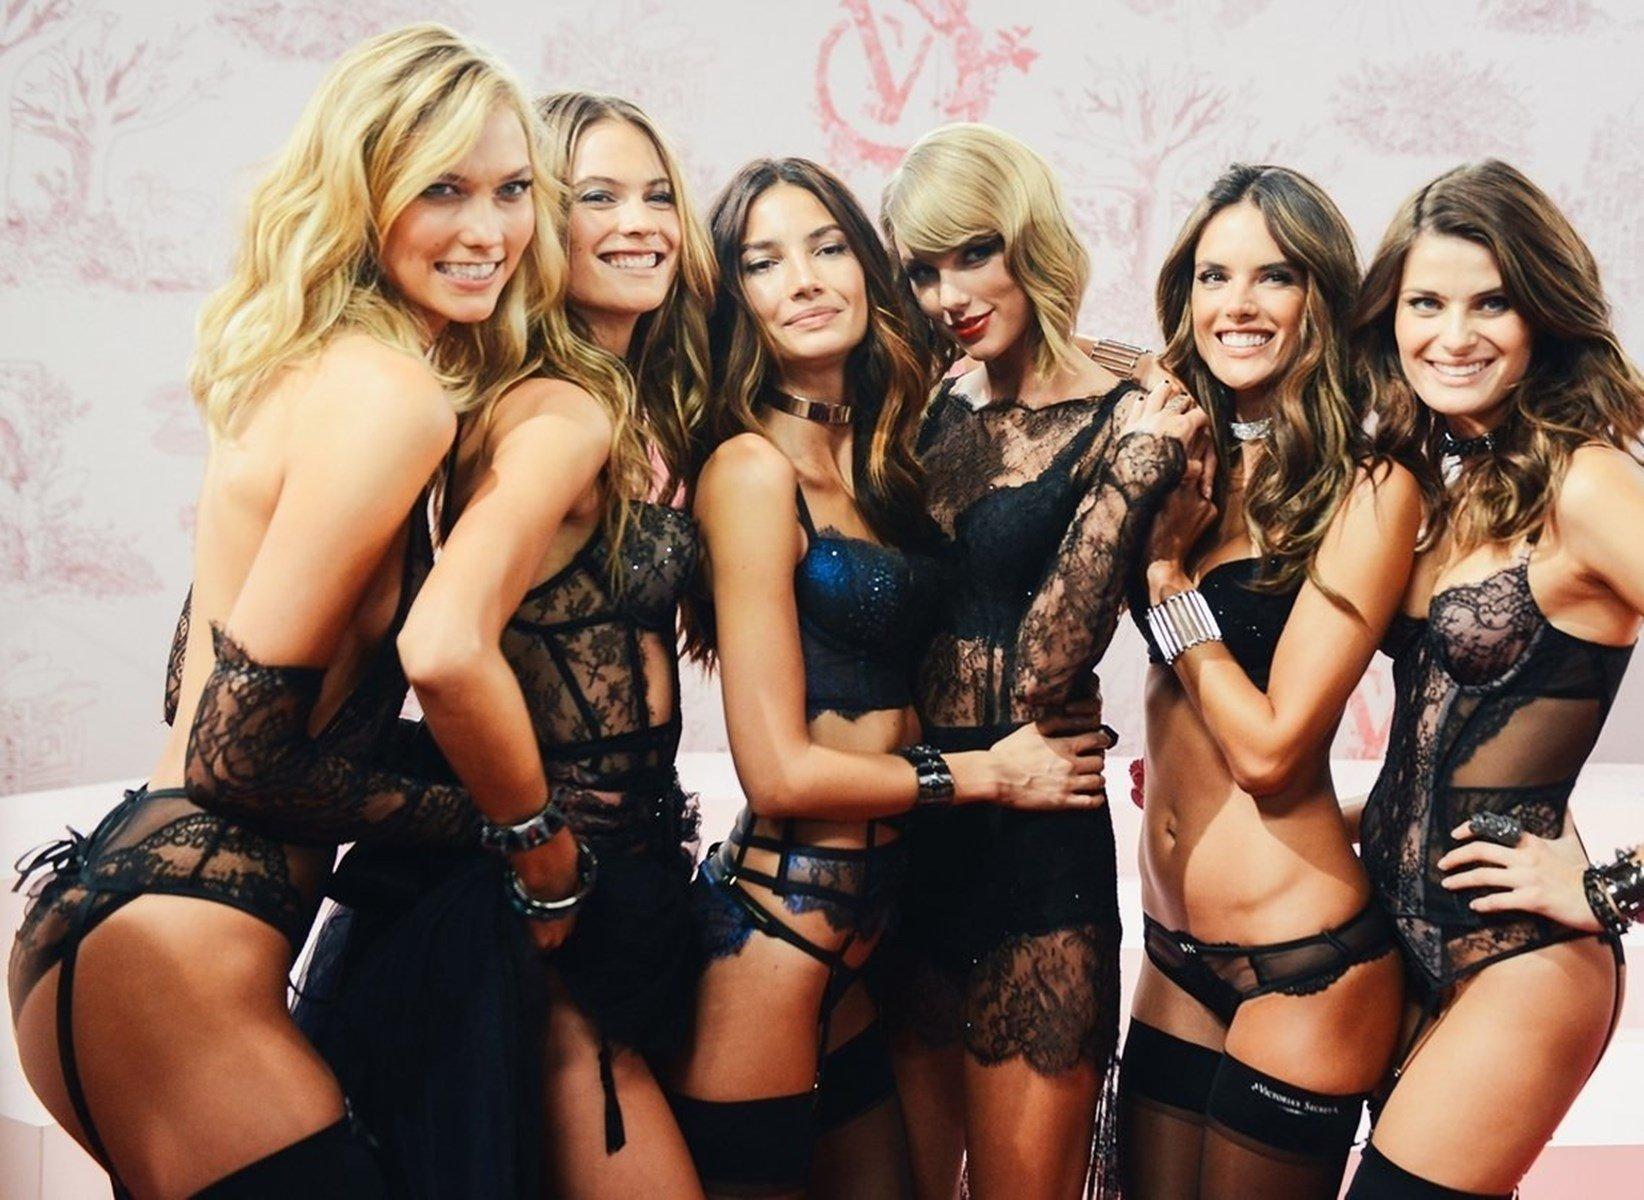 Taylor Swift Modeling Lingerie Jihad Celebs